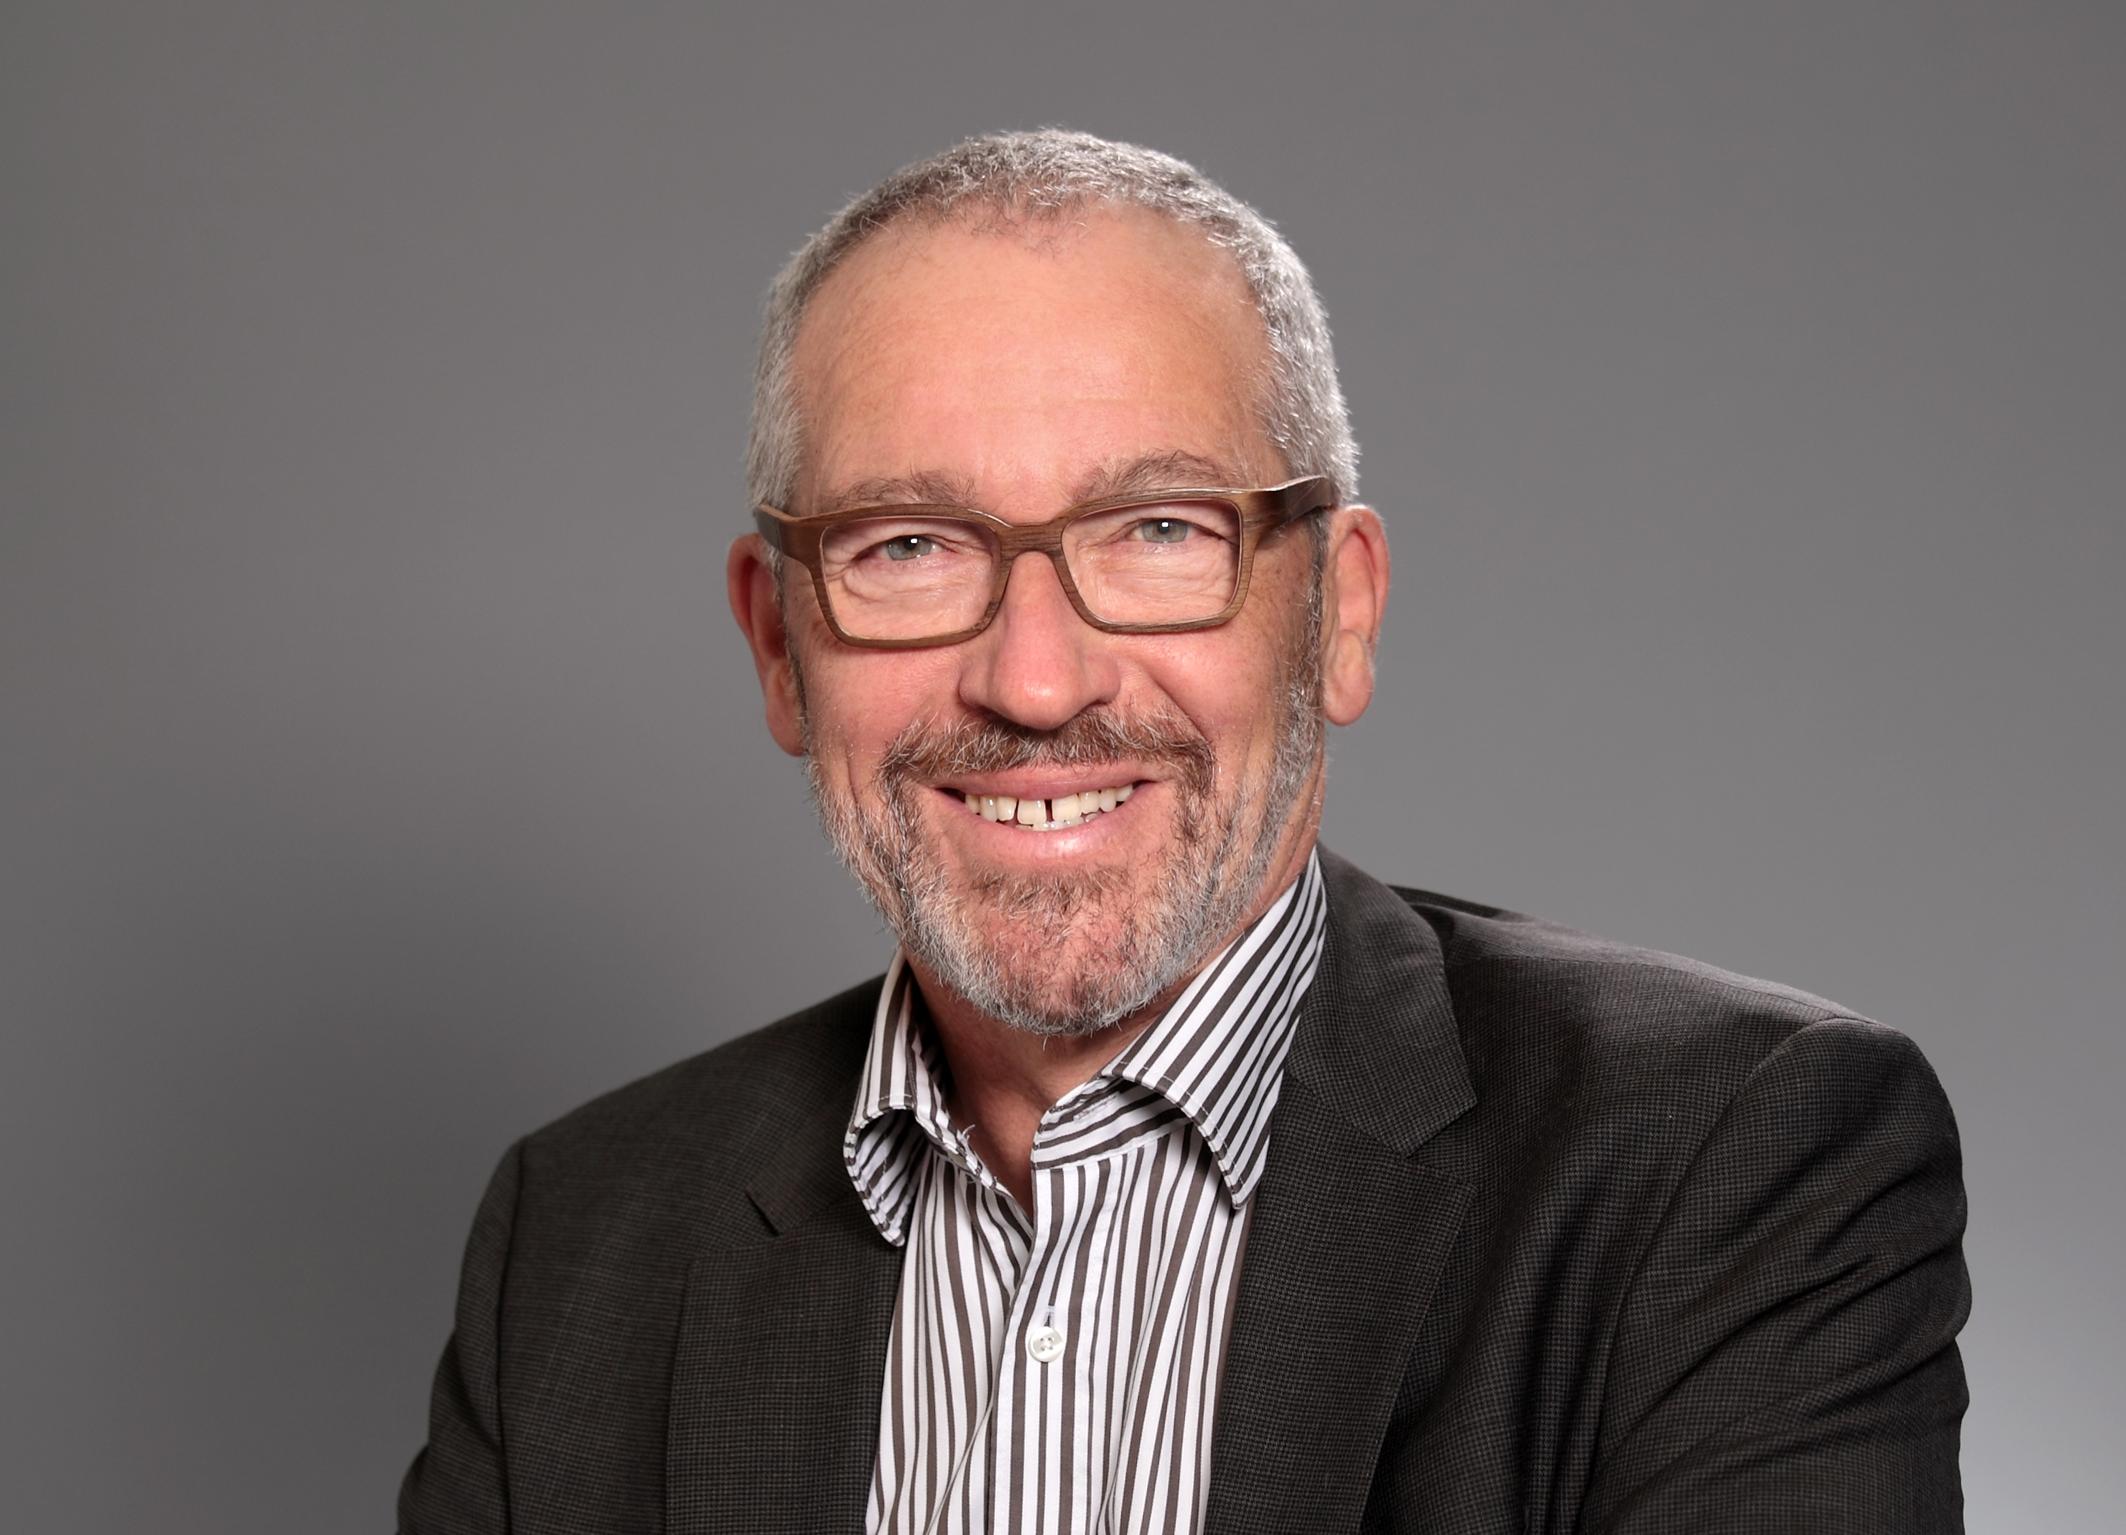 Peter Speidel